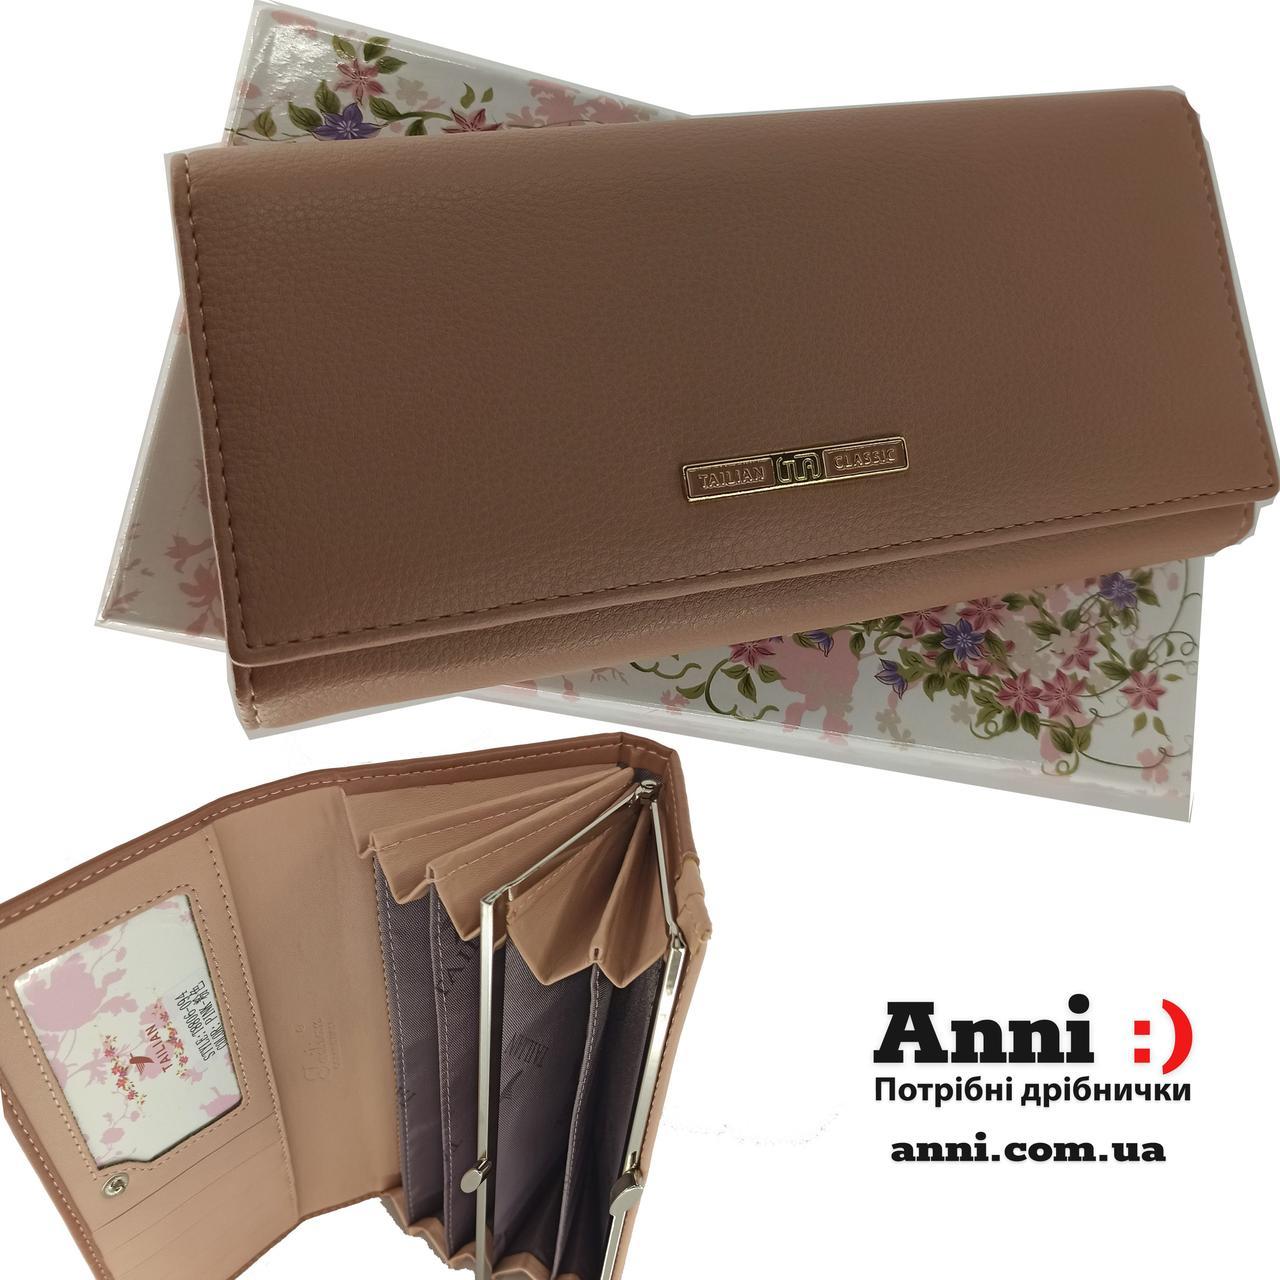 Классический женский кошелек клатч из качественной PU кожи Tailian T8806-087